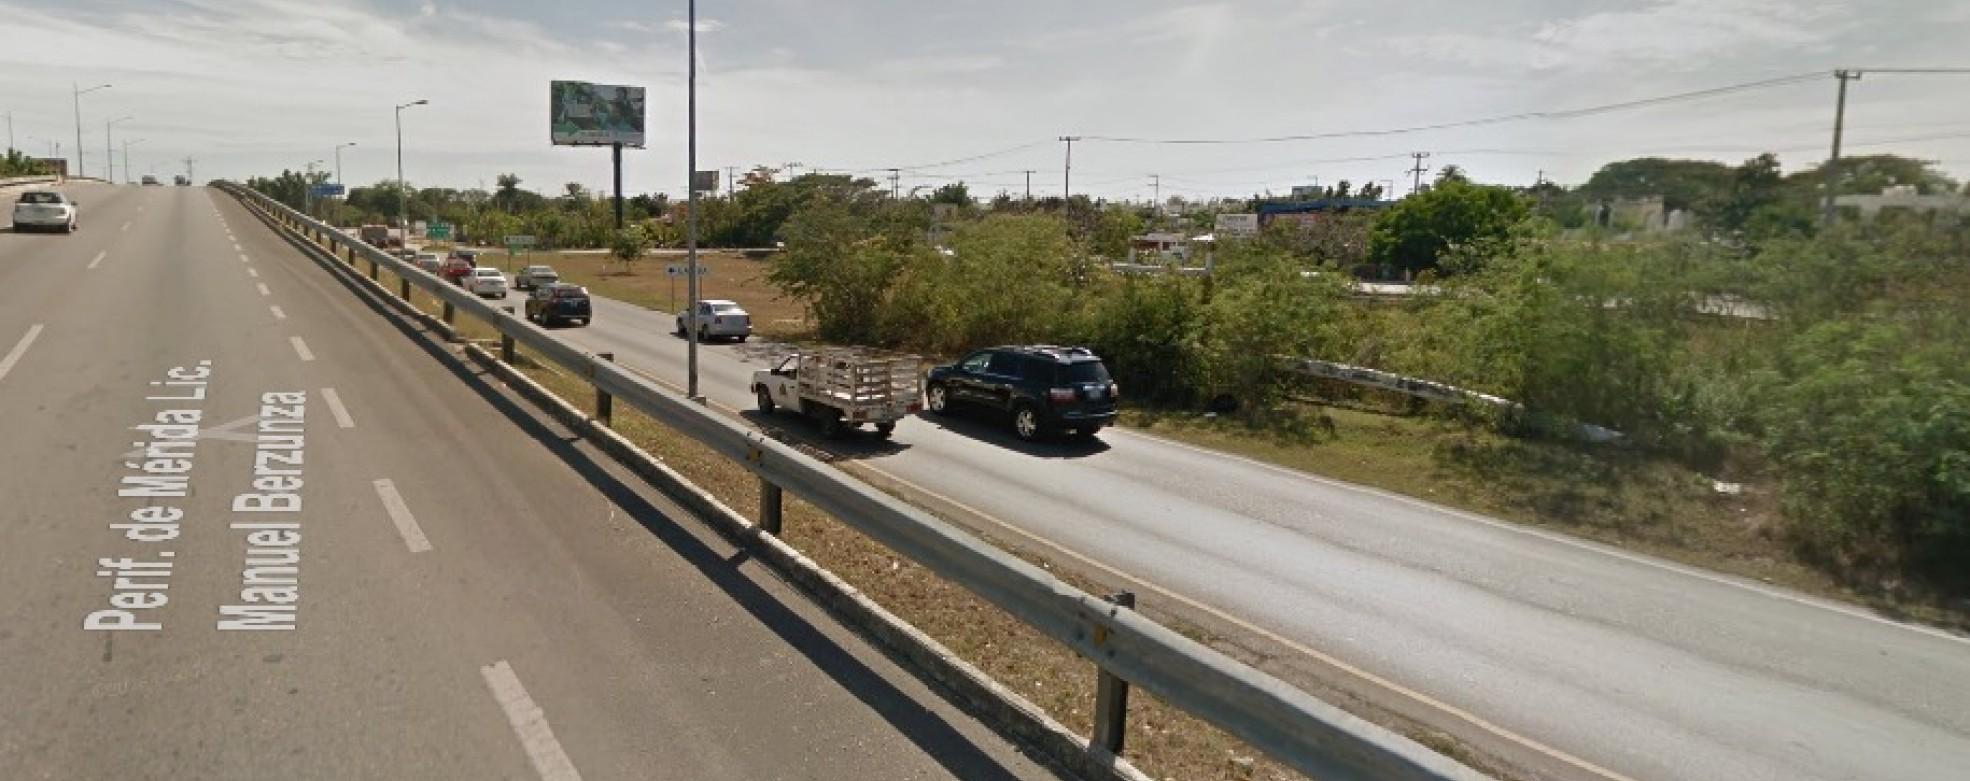 A mantenimiento Periférico de Mérida, donde circulan 150 mil vehículos diarios